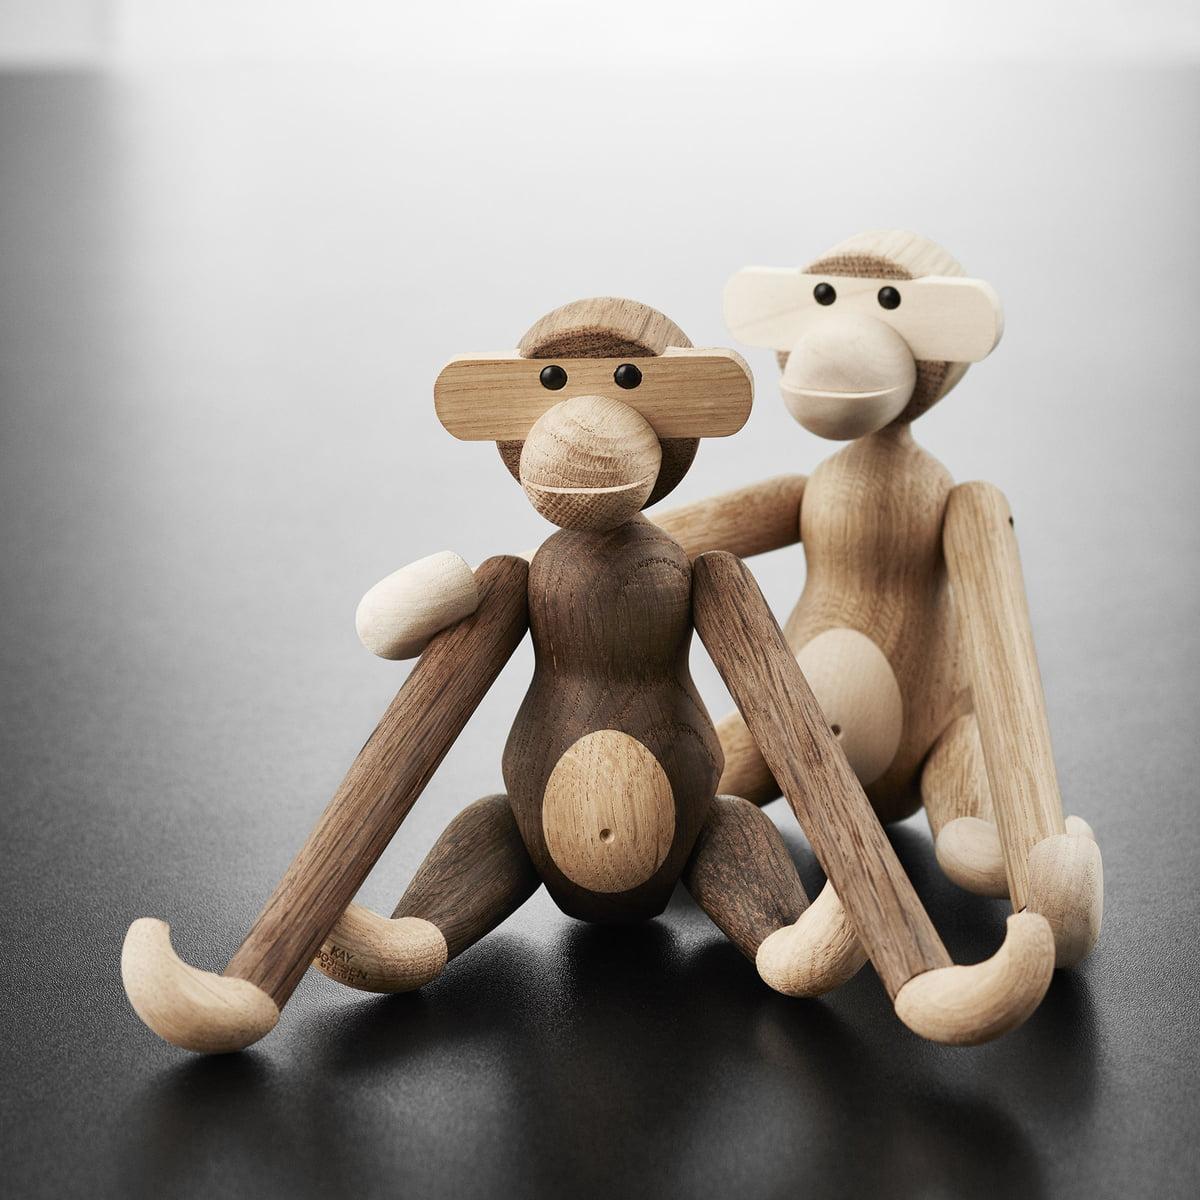 Rosendahl Kay Bojesen Wooden Ape